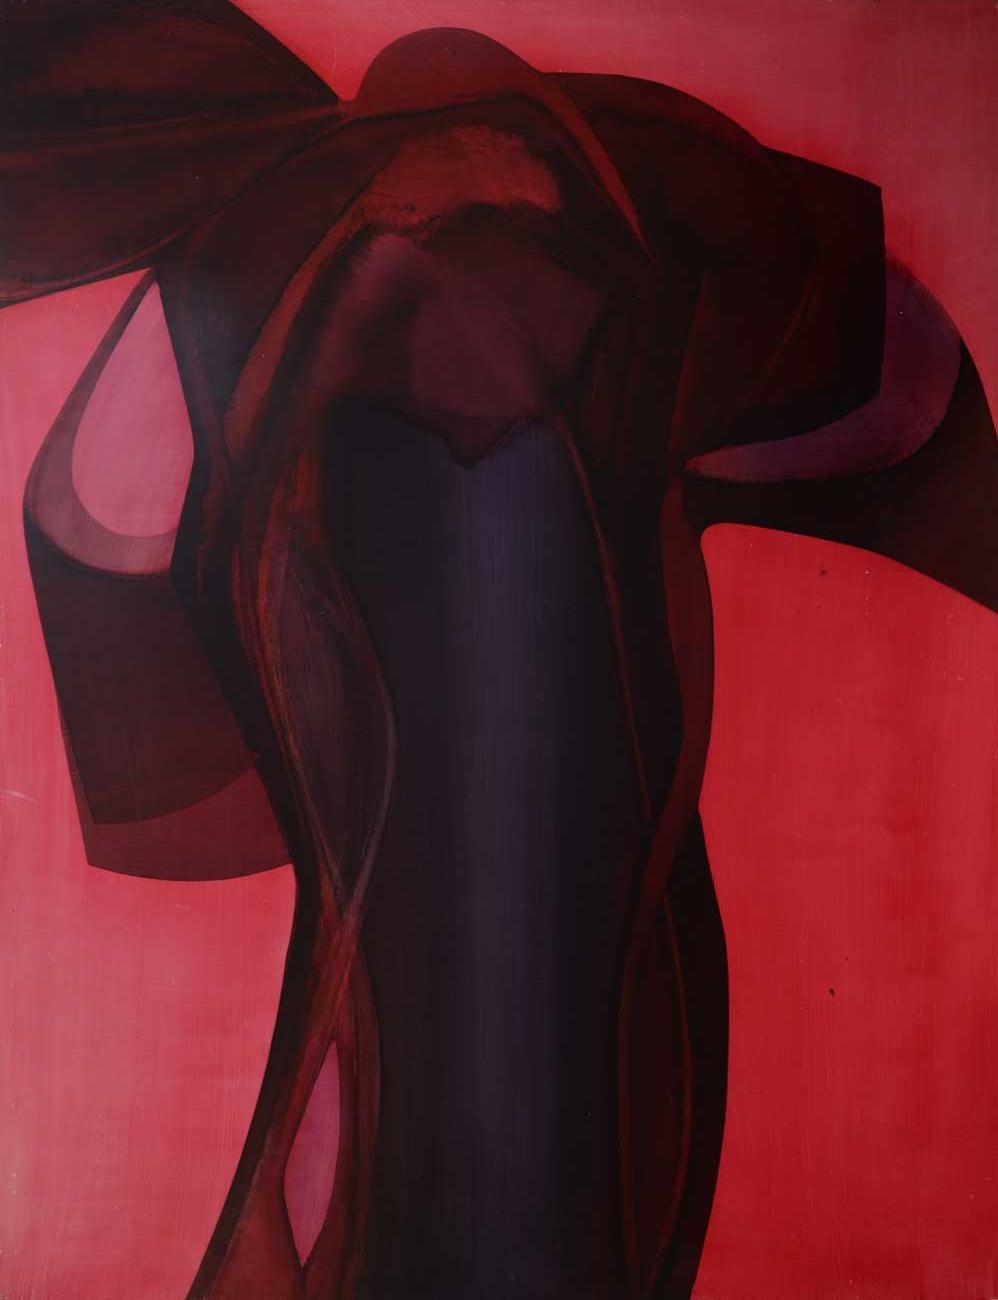 102 x 130 cm, huile sur panneau, 1976